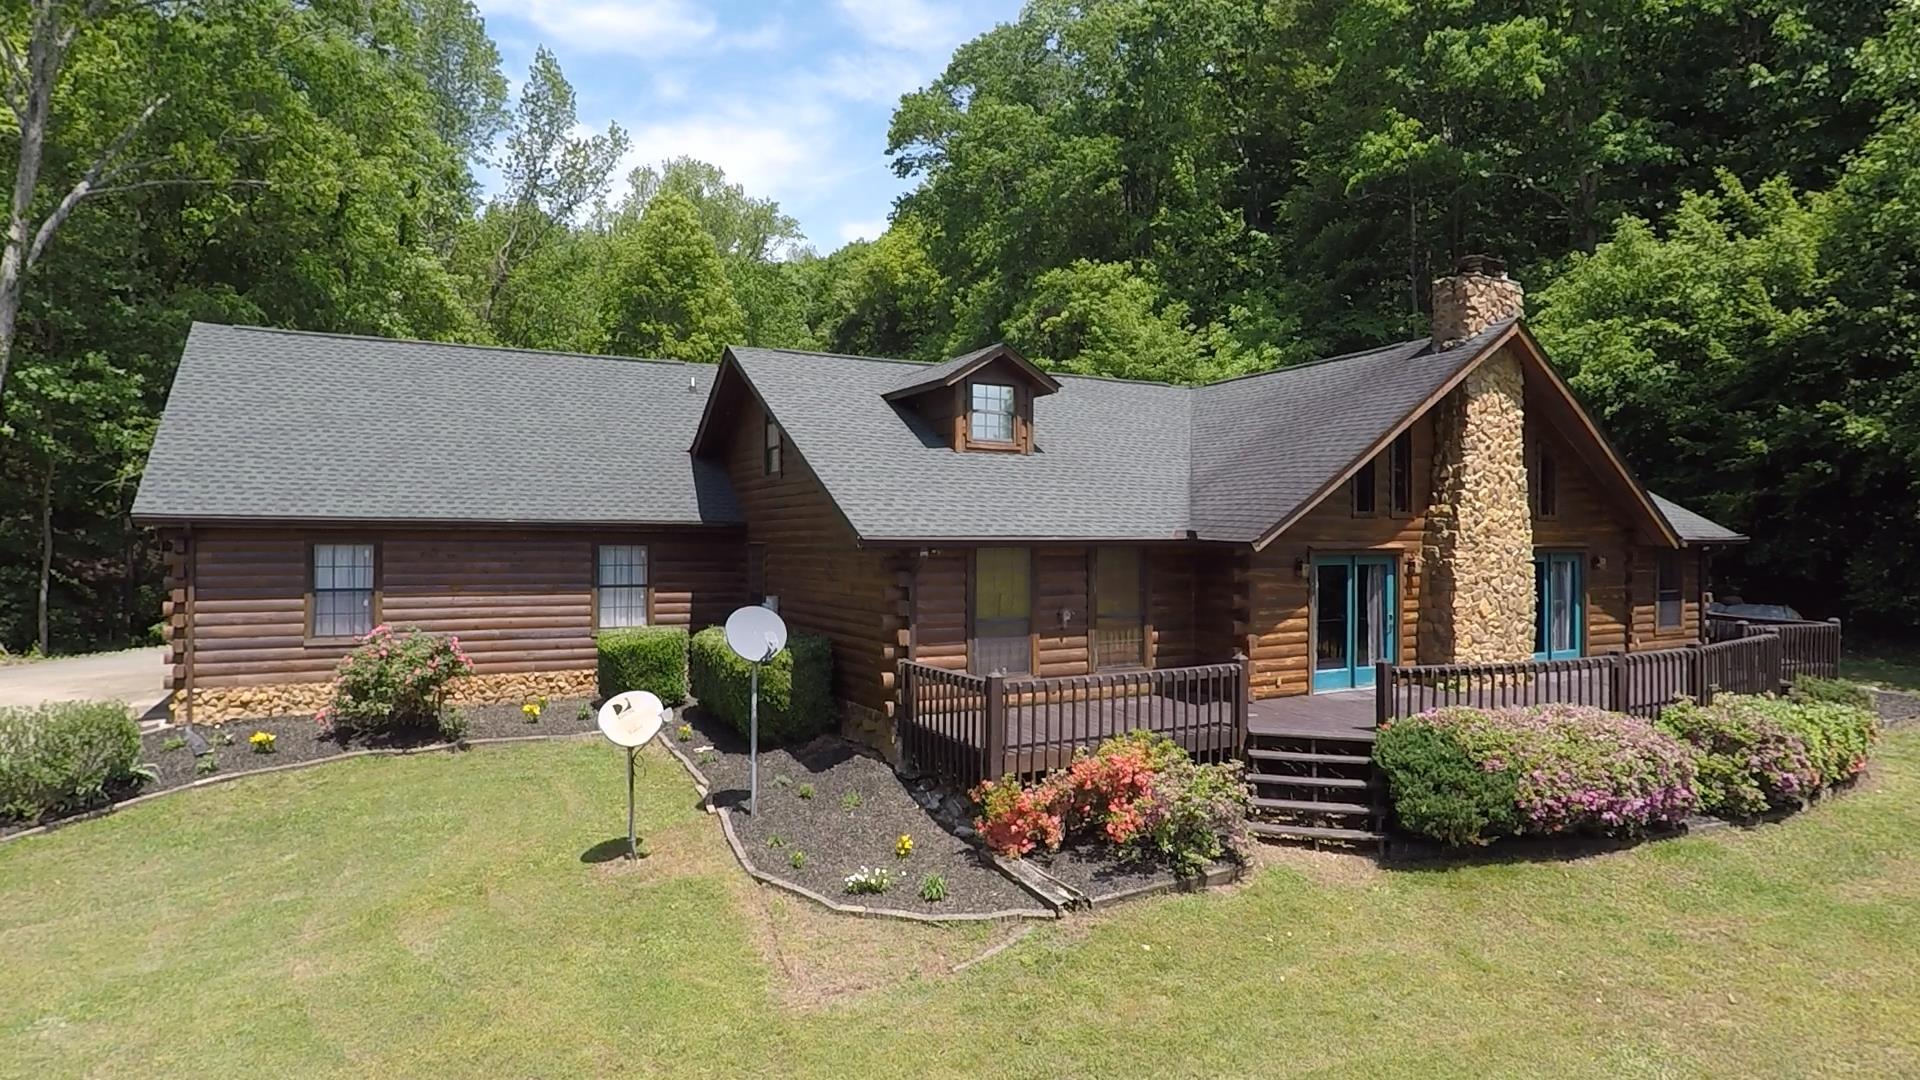 371 Mossy Bluff Rd, Stewart, TN 37175 - Stewart, TN real estate listing